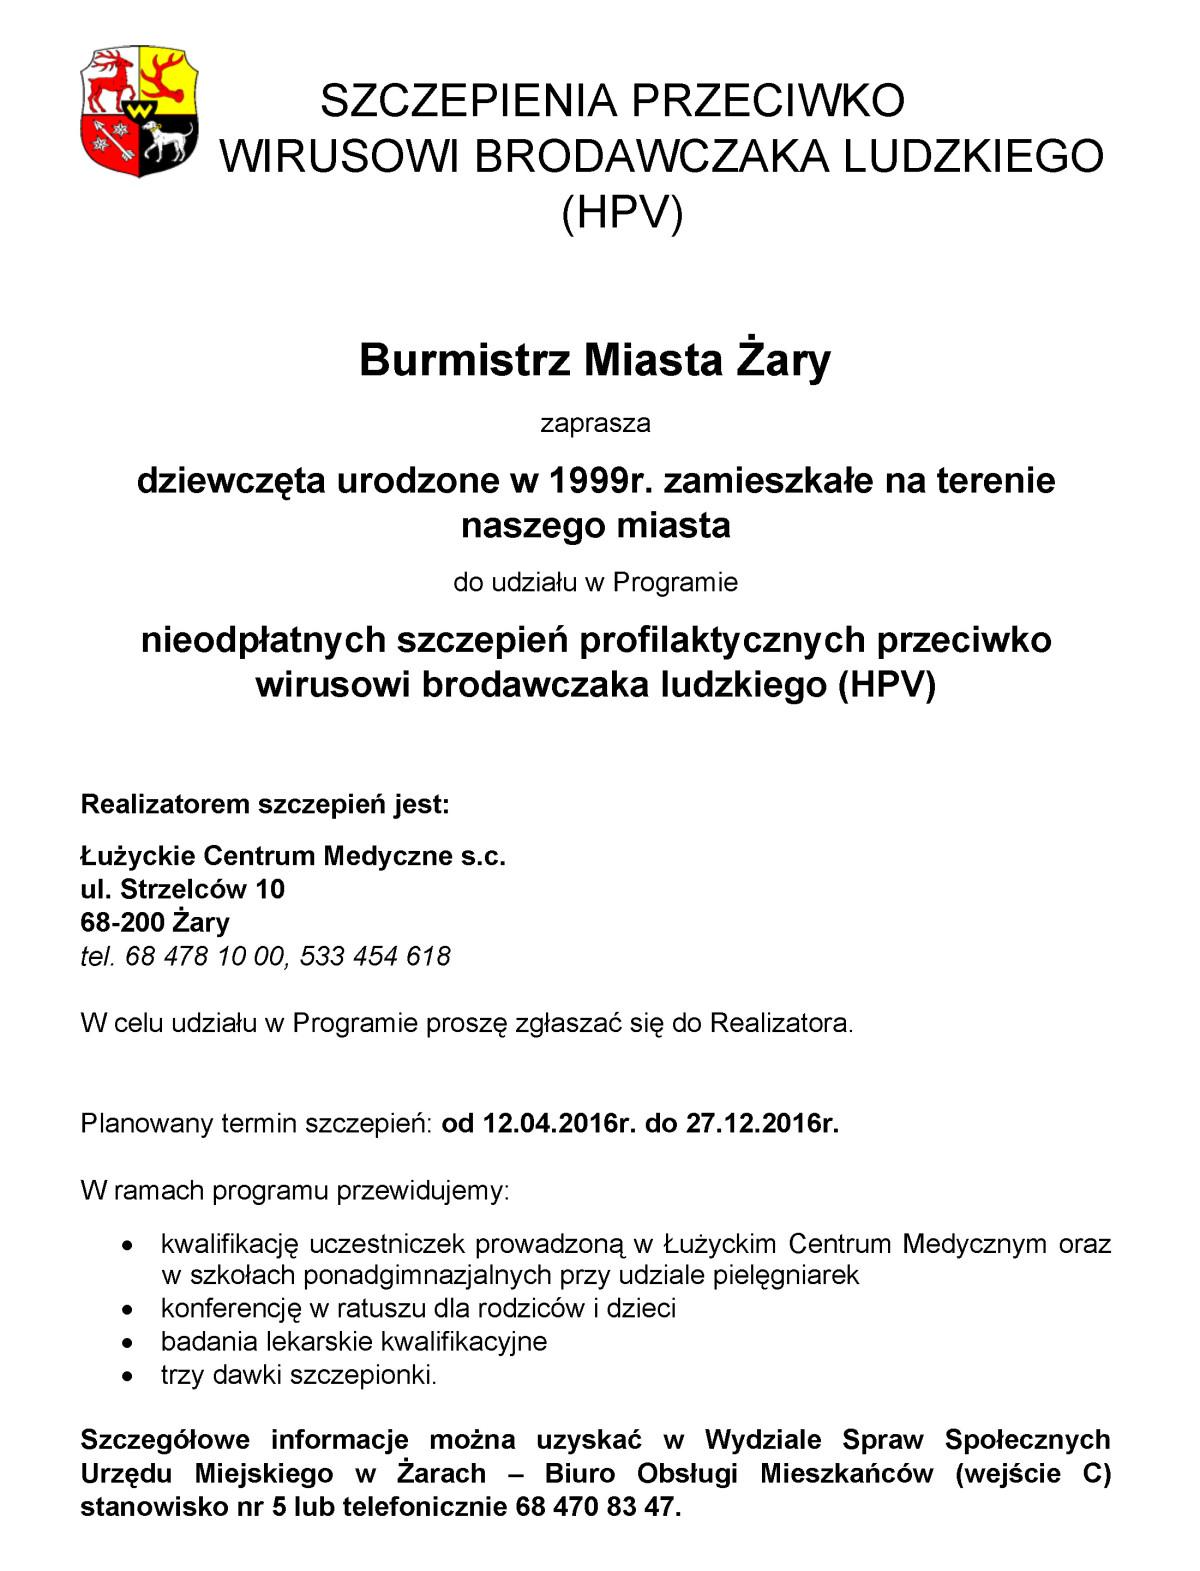 Ilustracja do informacji: SZCZEPIENIA PRZECIWKO WIRUSOWI BRODAWCZAKA LUDZKIEGO (HPV)